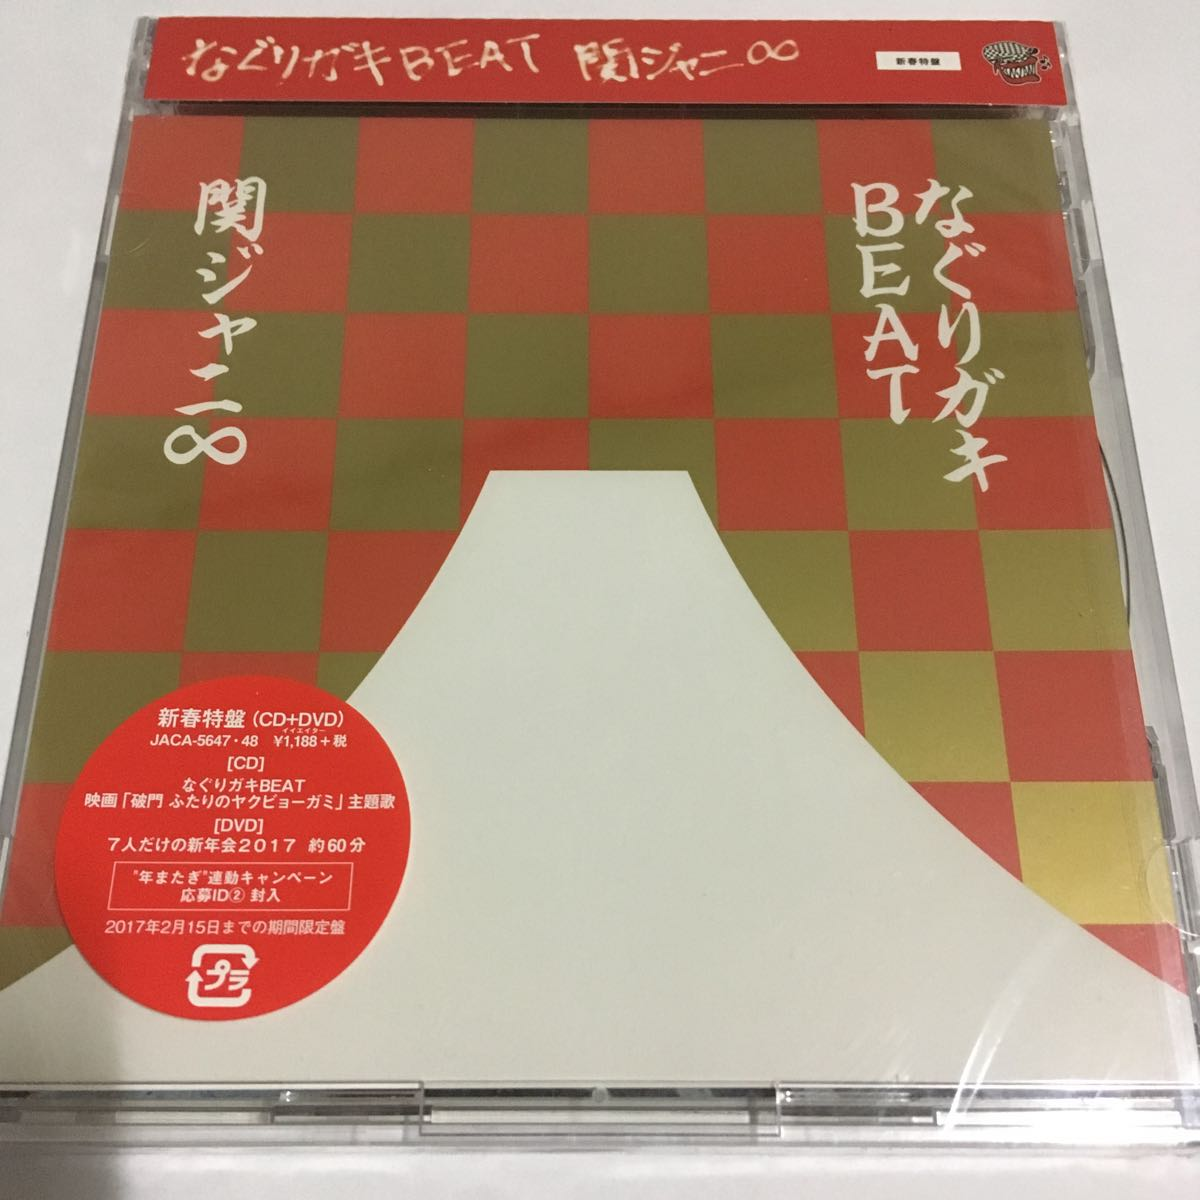 ☆新品 未開封☆ 関ジャニ∞ / なぐりガキBEAT ★ 初回 新春特盤 CD+DVD★